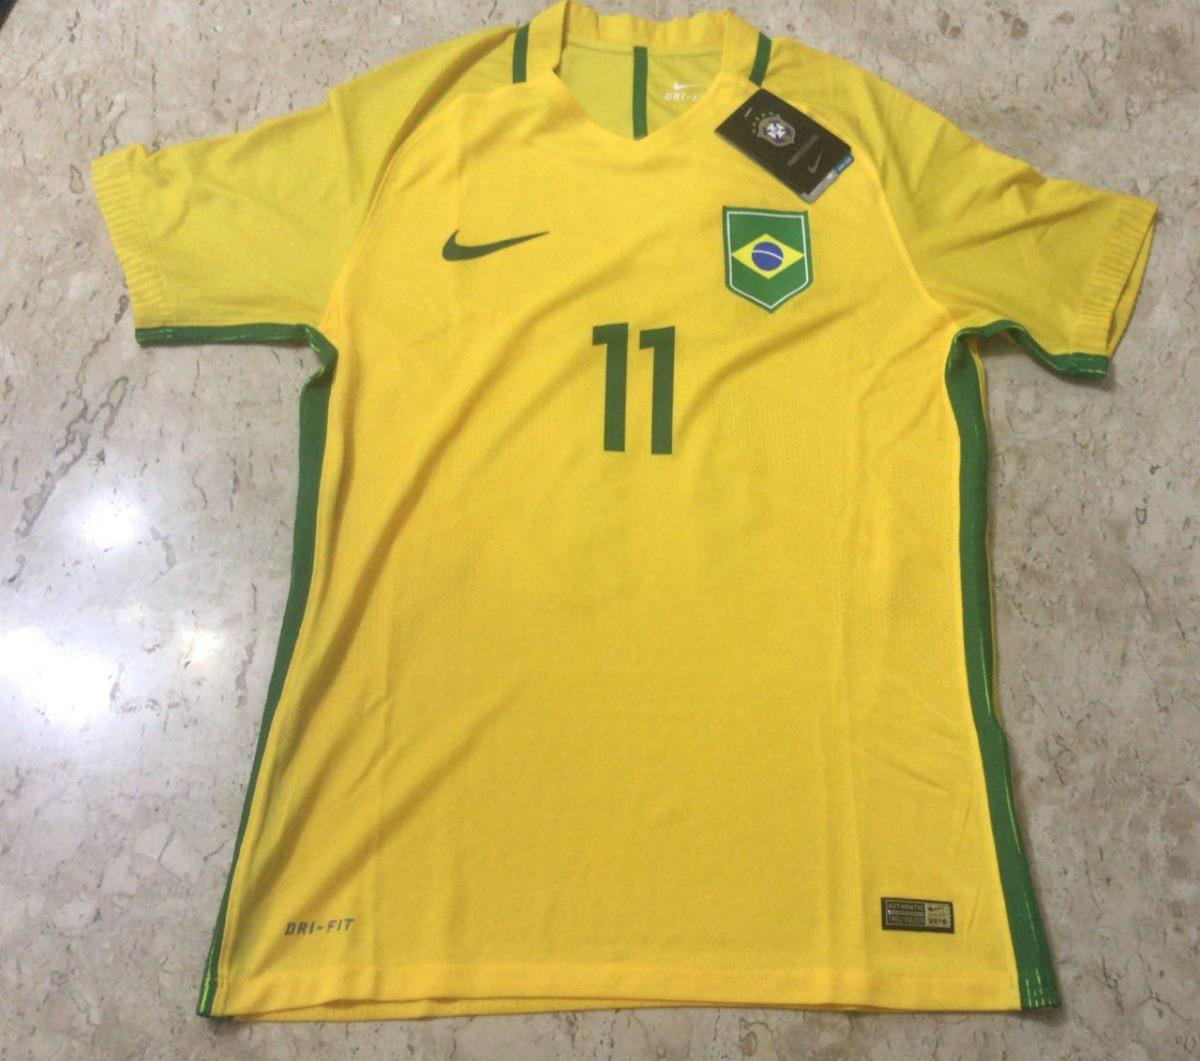 a1721025b camisa rara nike seleção brasileira futebol olimpíadas 2016. Carregando zoom .